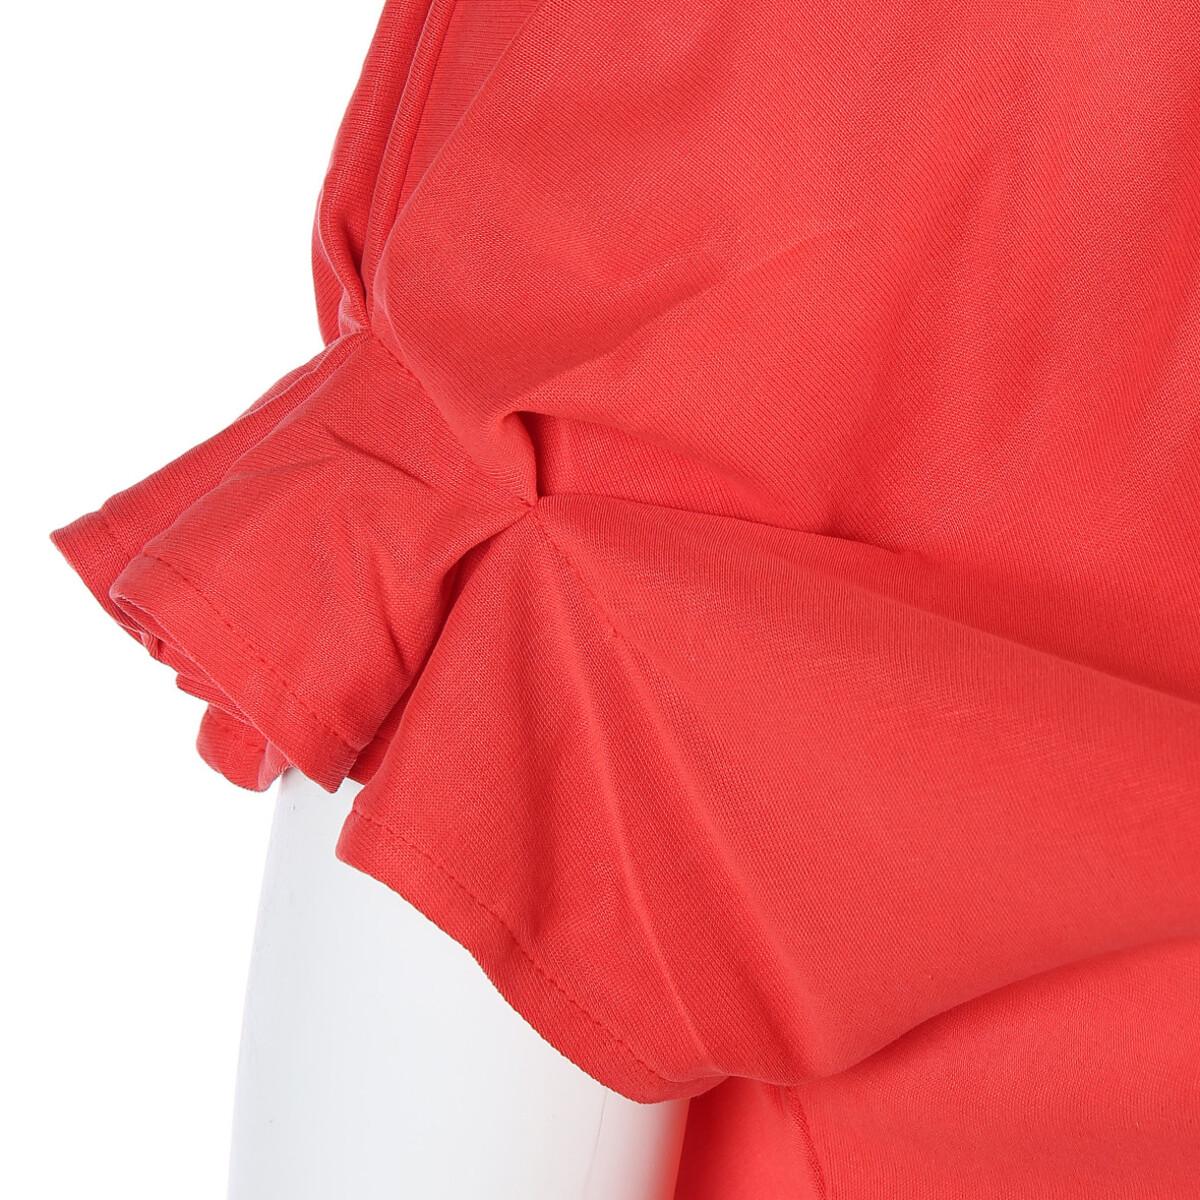 Bild 3 von Damen Shirt mit raffinierten Ärmeln